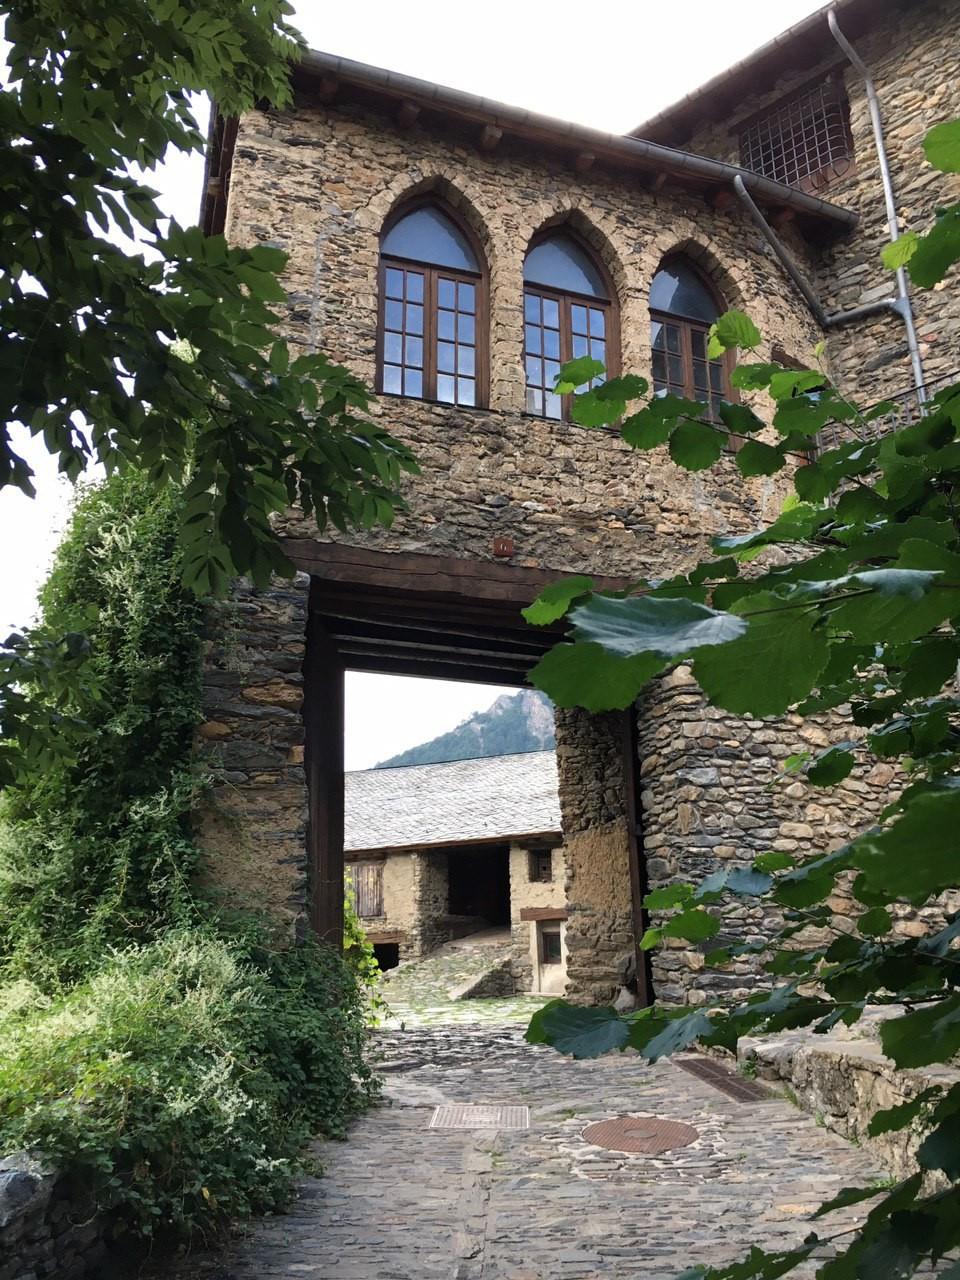 Ordino old town